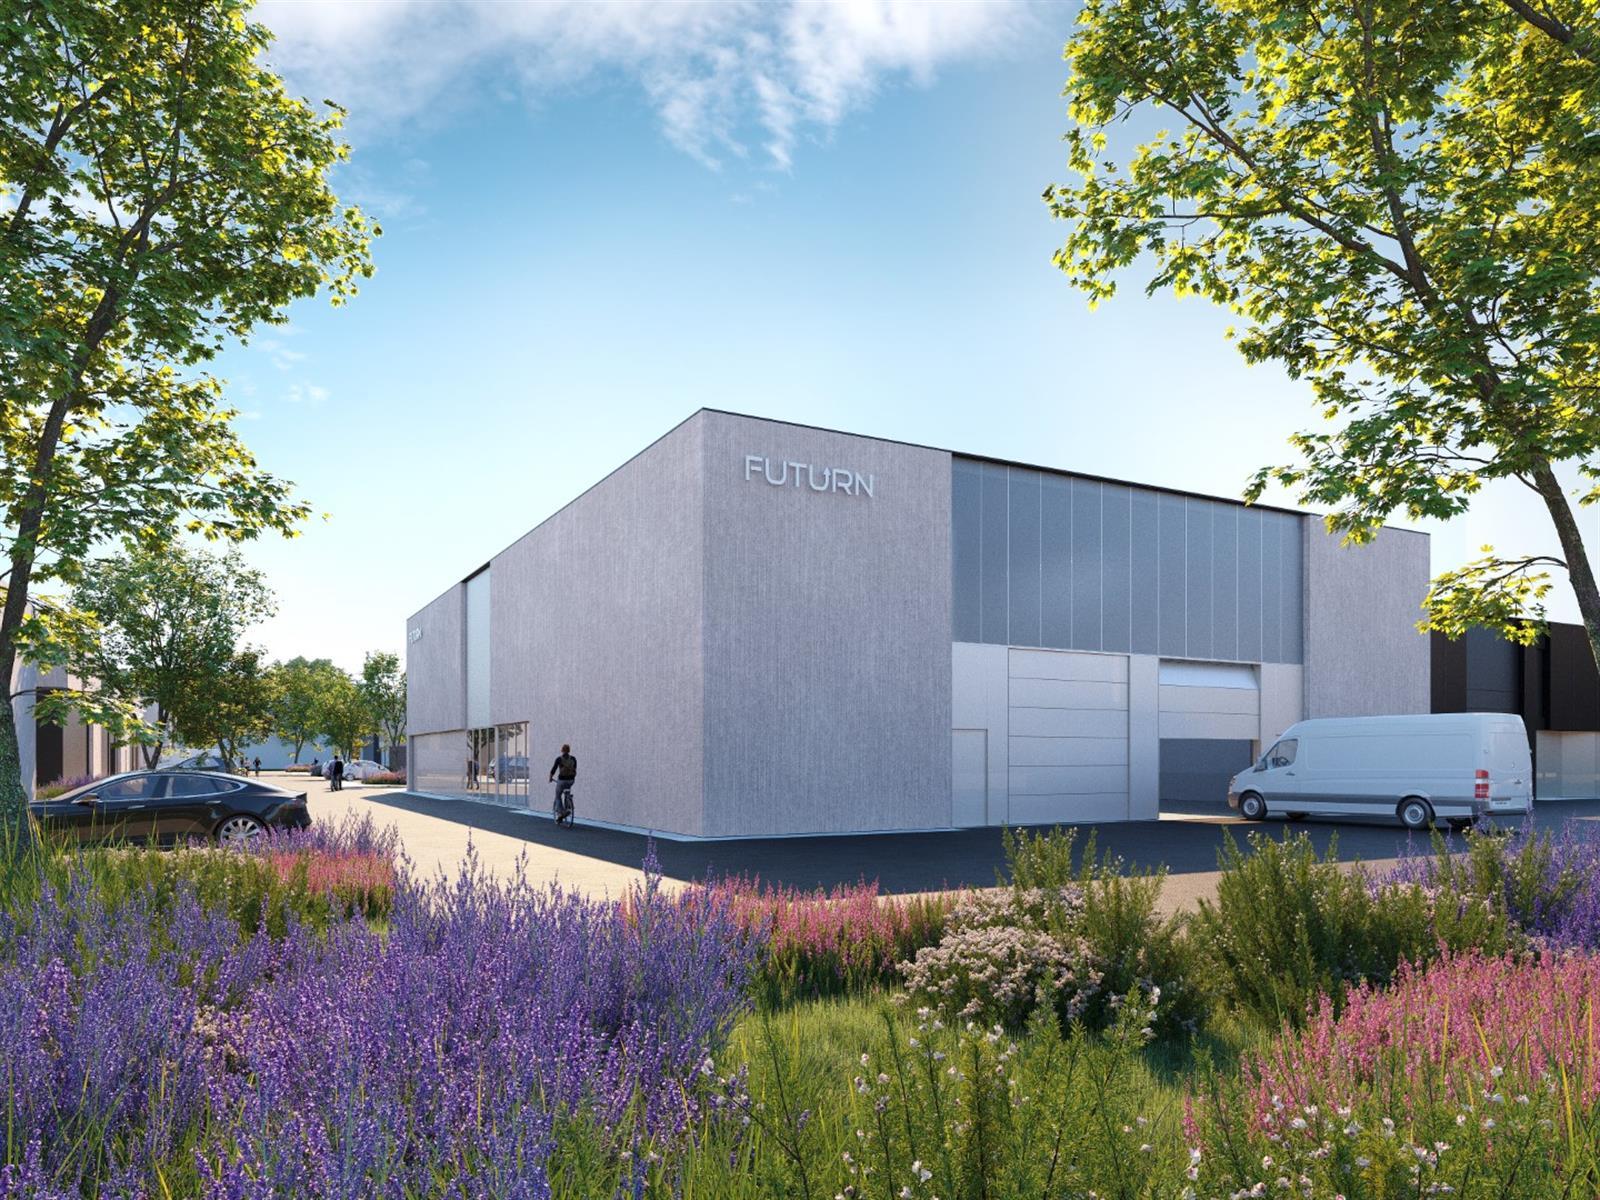 KMO-unit te koop Heros Businesspark KMO Unit 5 - Herkenrodesingel 10, 3500 Hasselt, België 8